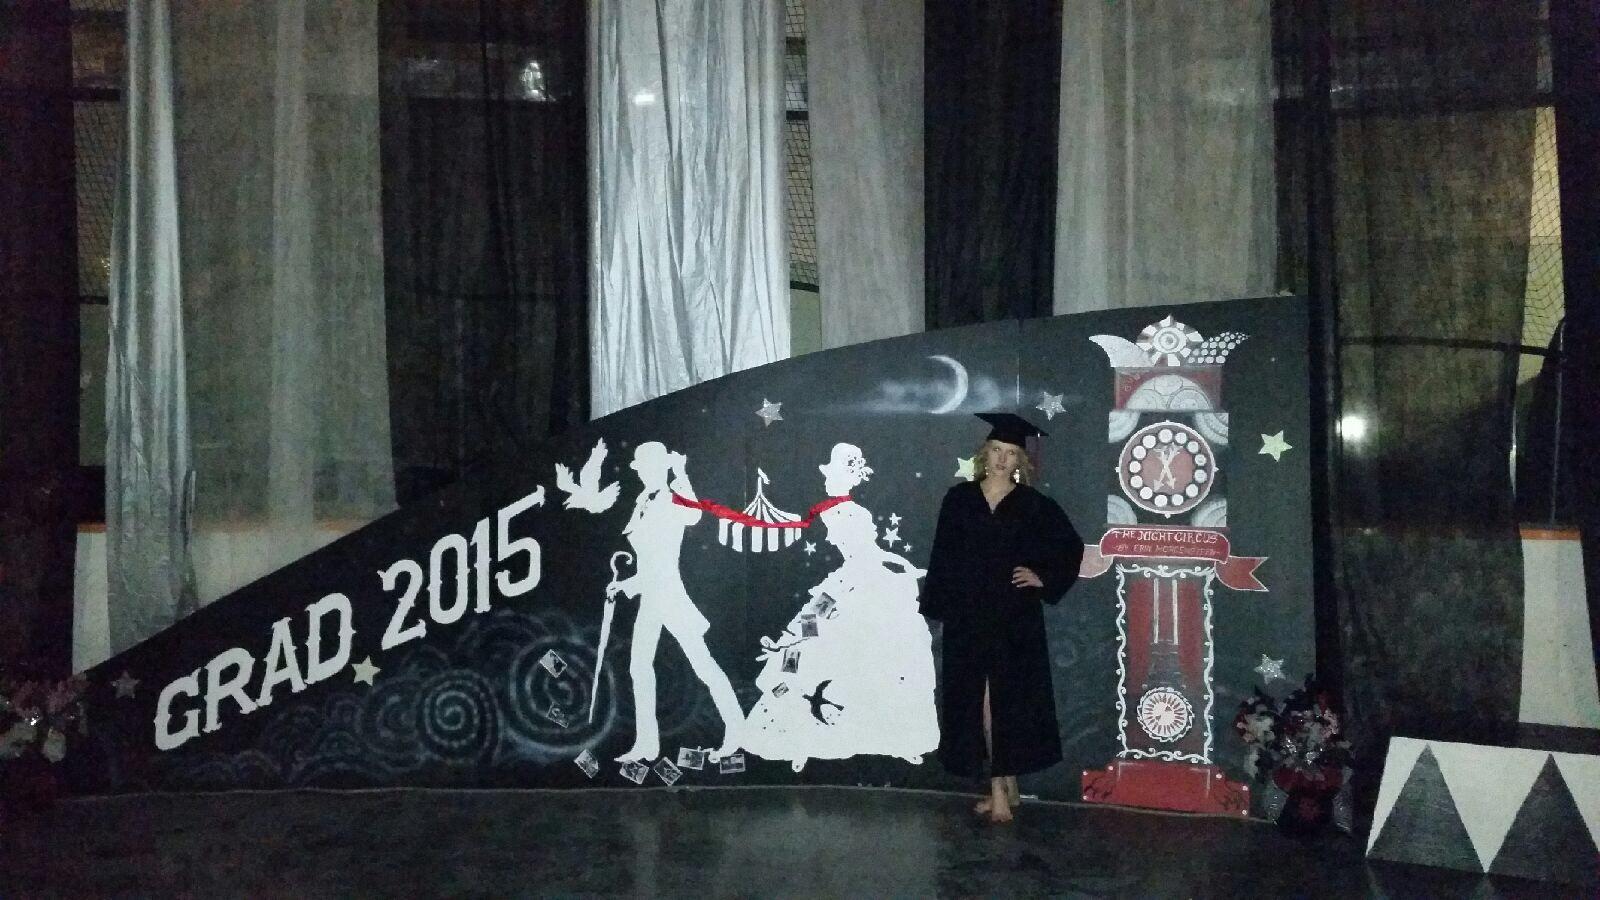 Paige Brinoni - 2015 Grad - Complex